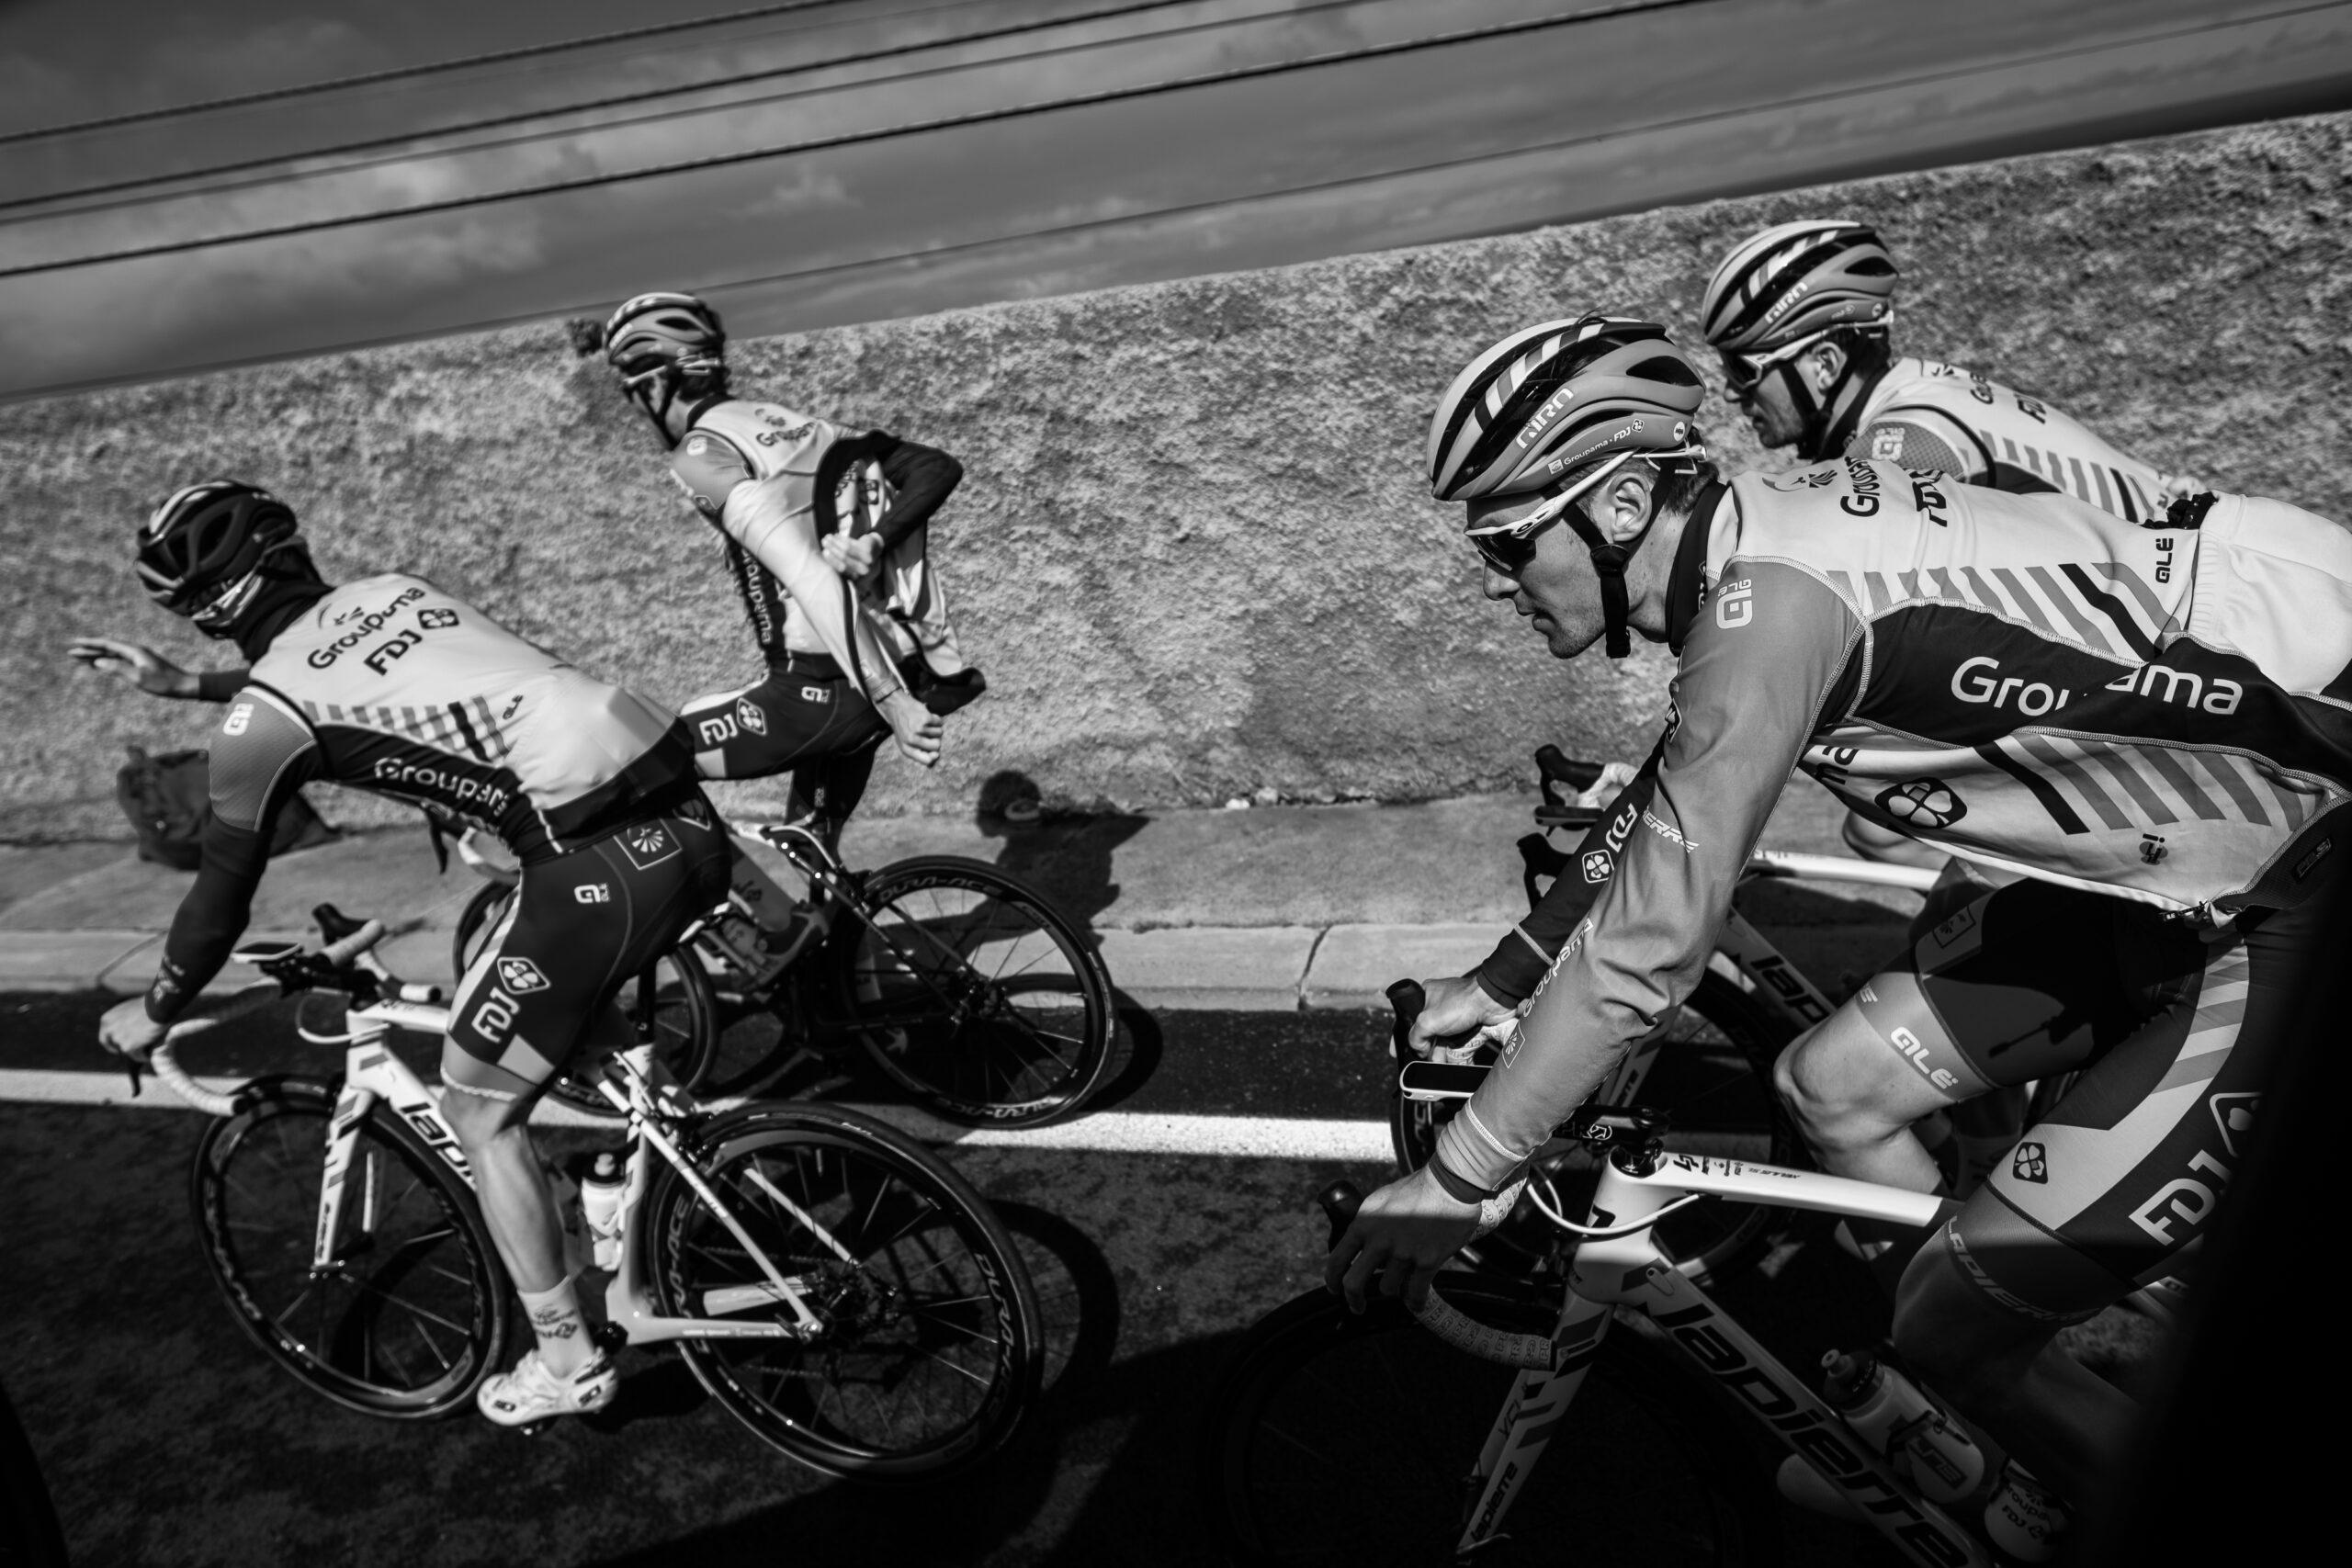 Primer Premio. Categoría: Deportes (Serie). El equipo Groupama- FDJ en acción durante el entrenamiento matinal. Enero 30, 2019. Andrés Gutiérrez